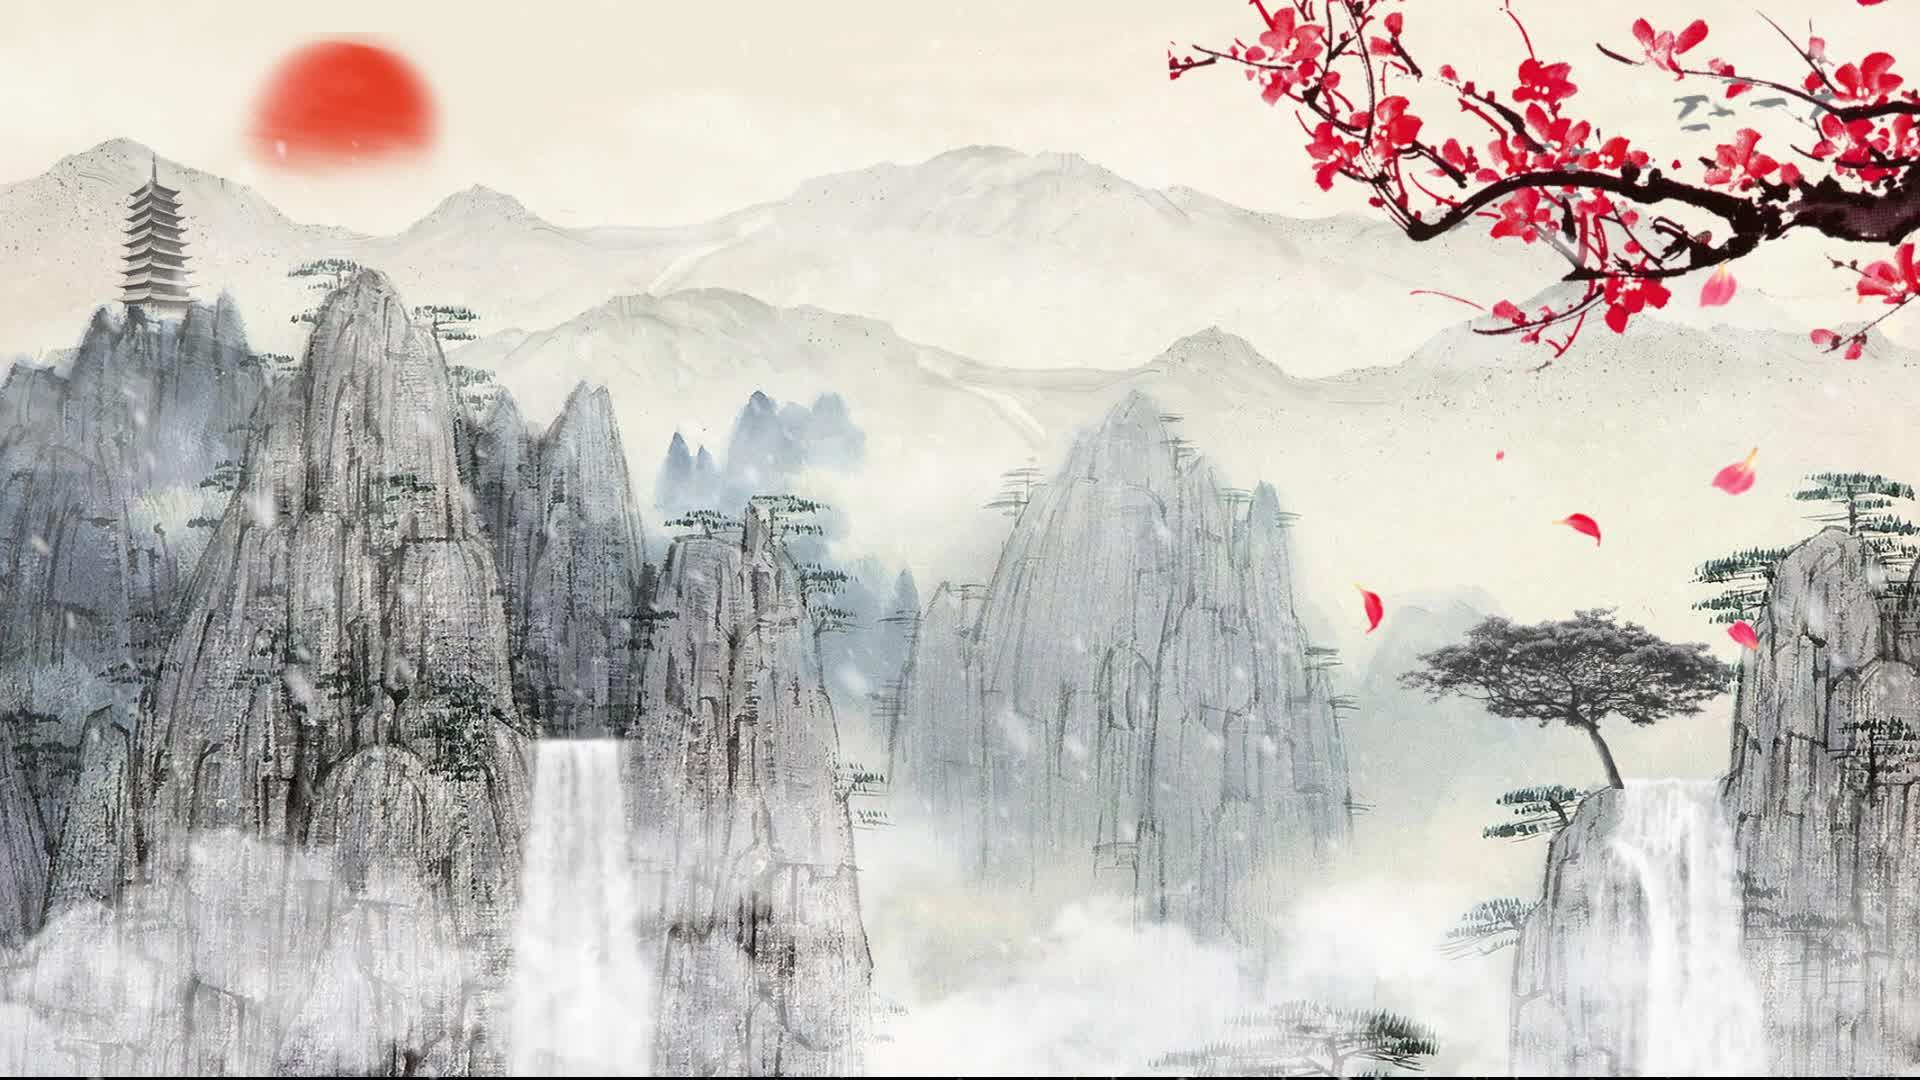 中国风复古山水led背景素材 深山 高山 云山雾绕 水墨黄山 水墨塔楼 瀑布 朗诵背景 古琴演奏背景led素材